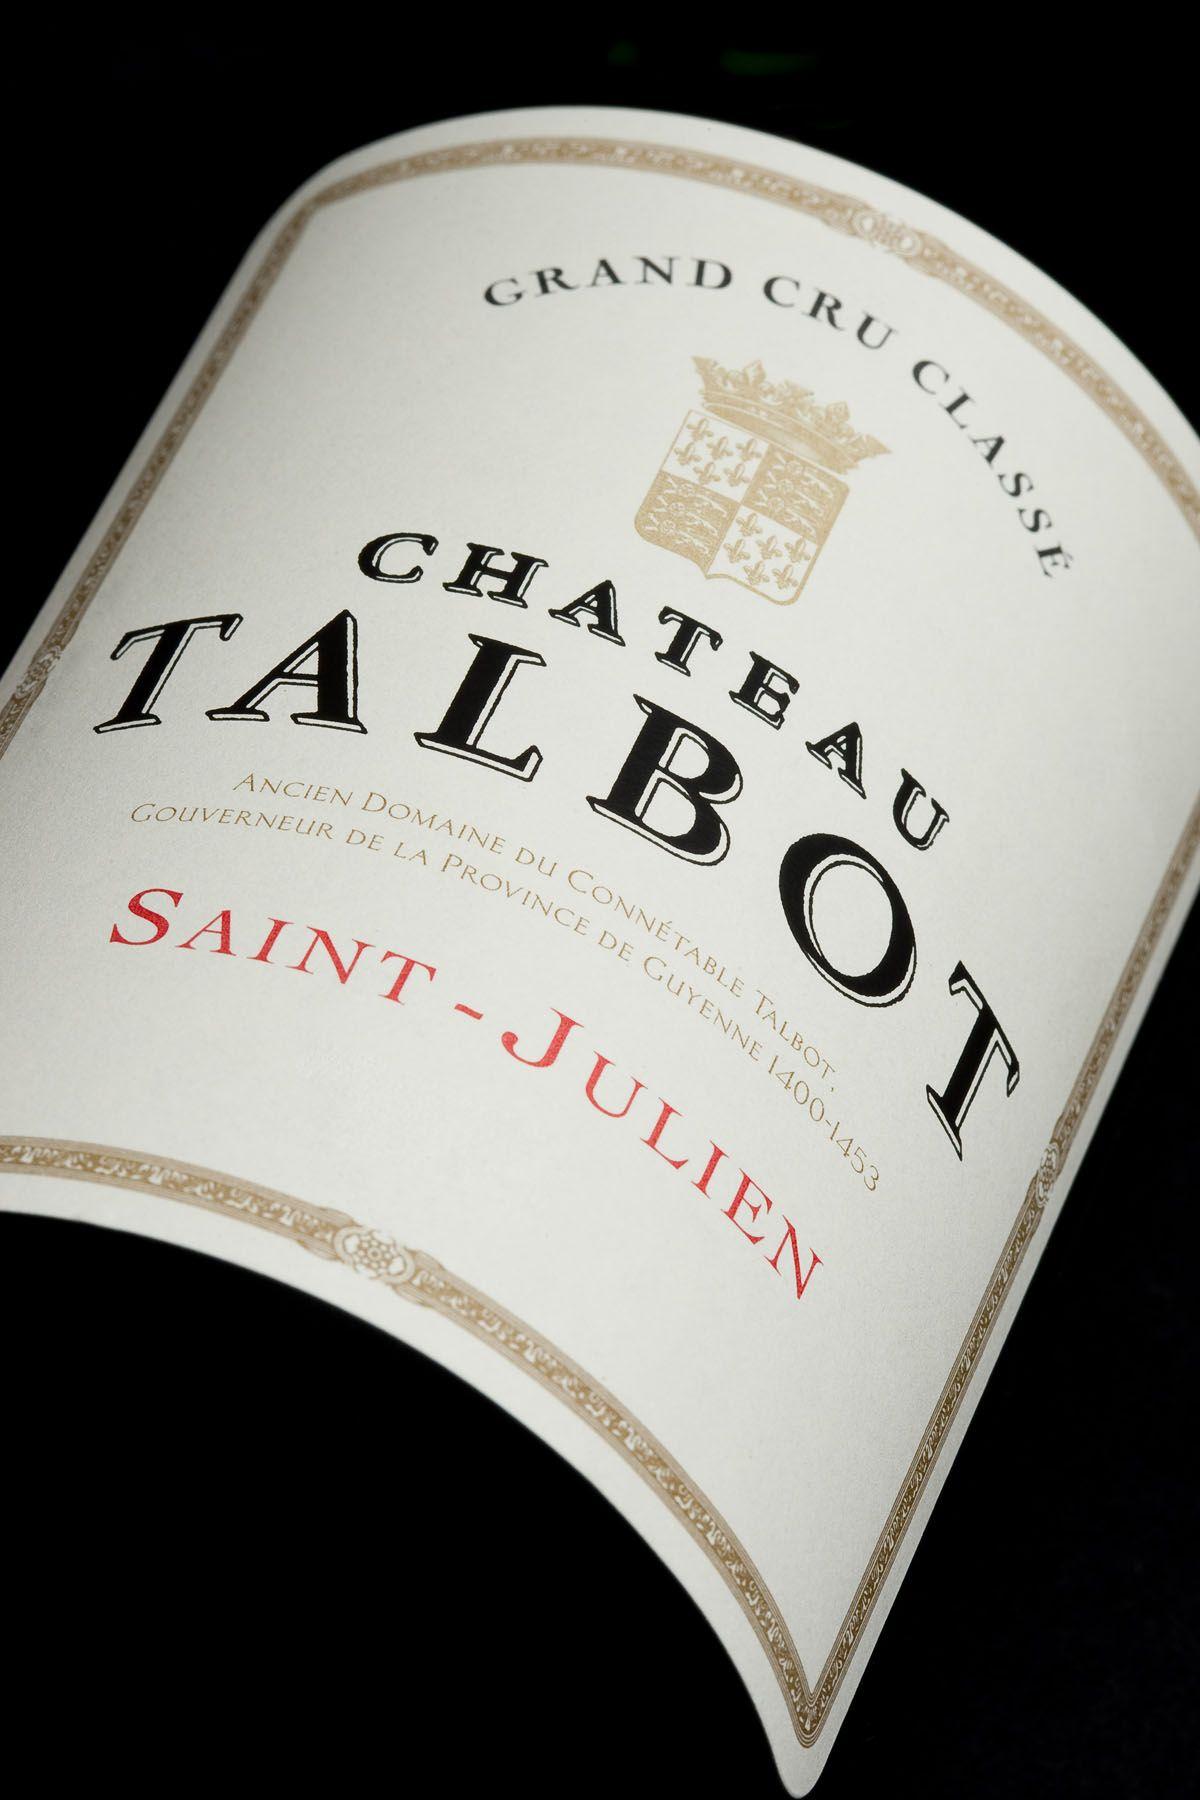 Le Nom De Cet Imposant Domaine Est Attache A Celui Du Connetable De Talbot Homme De Guerre Anglais Gouverneur De Guyenne Vaincu A In 2020 Wines French Wine Wine